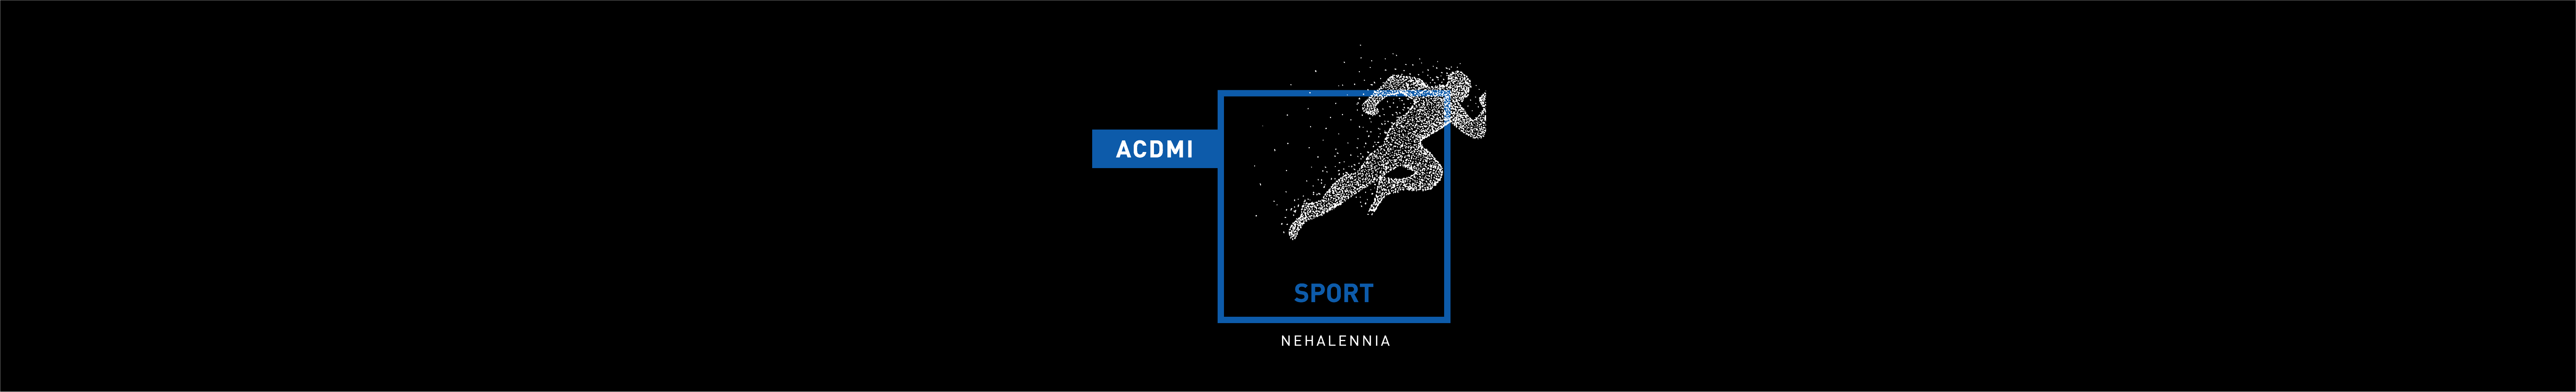 Nehalennia Sport leerjaar 3 en 4